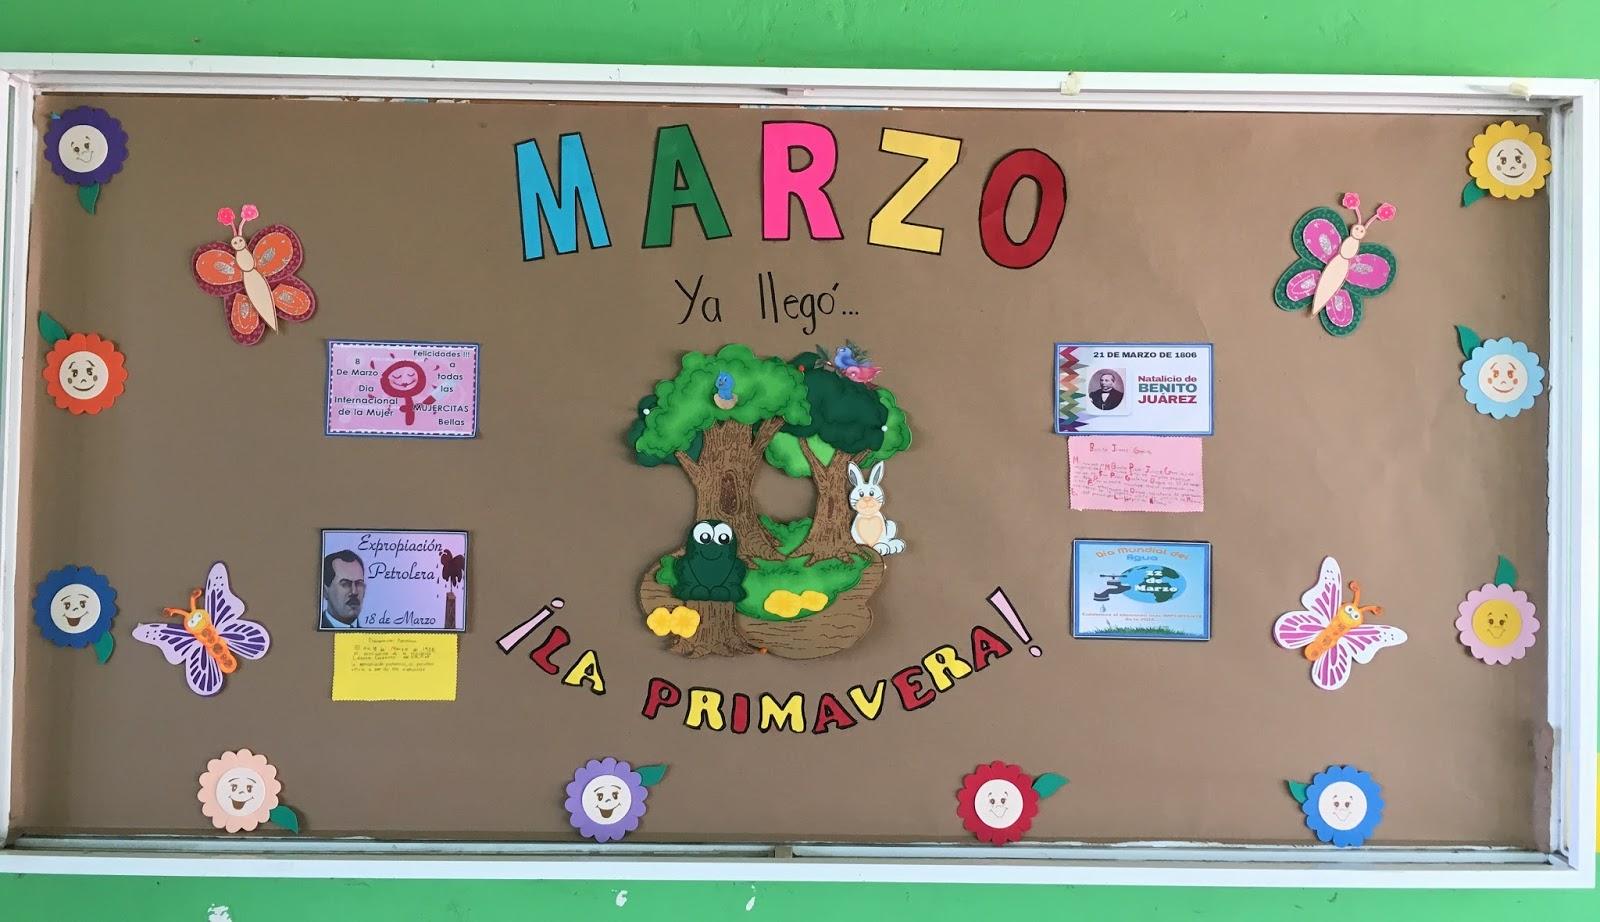 Escuela primaria nicol s bravo nuestro peri dico mural for El mural avisos de ocasion